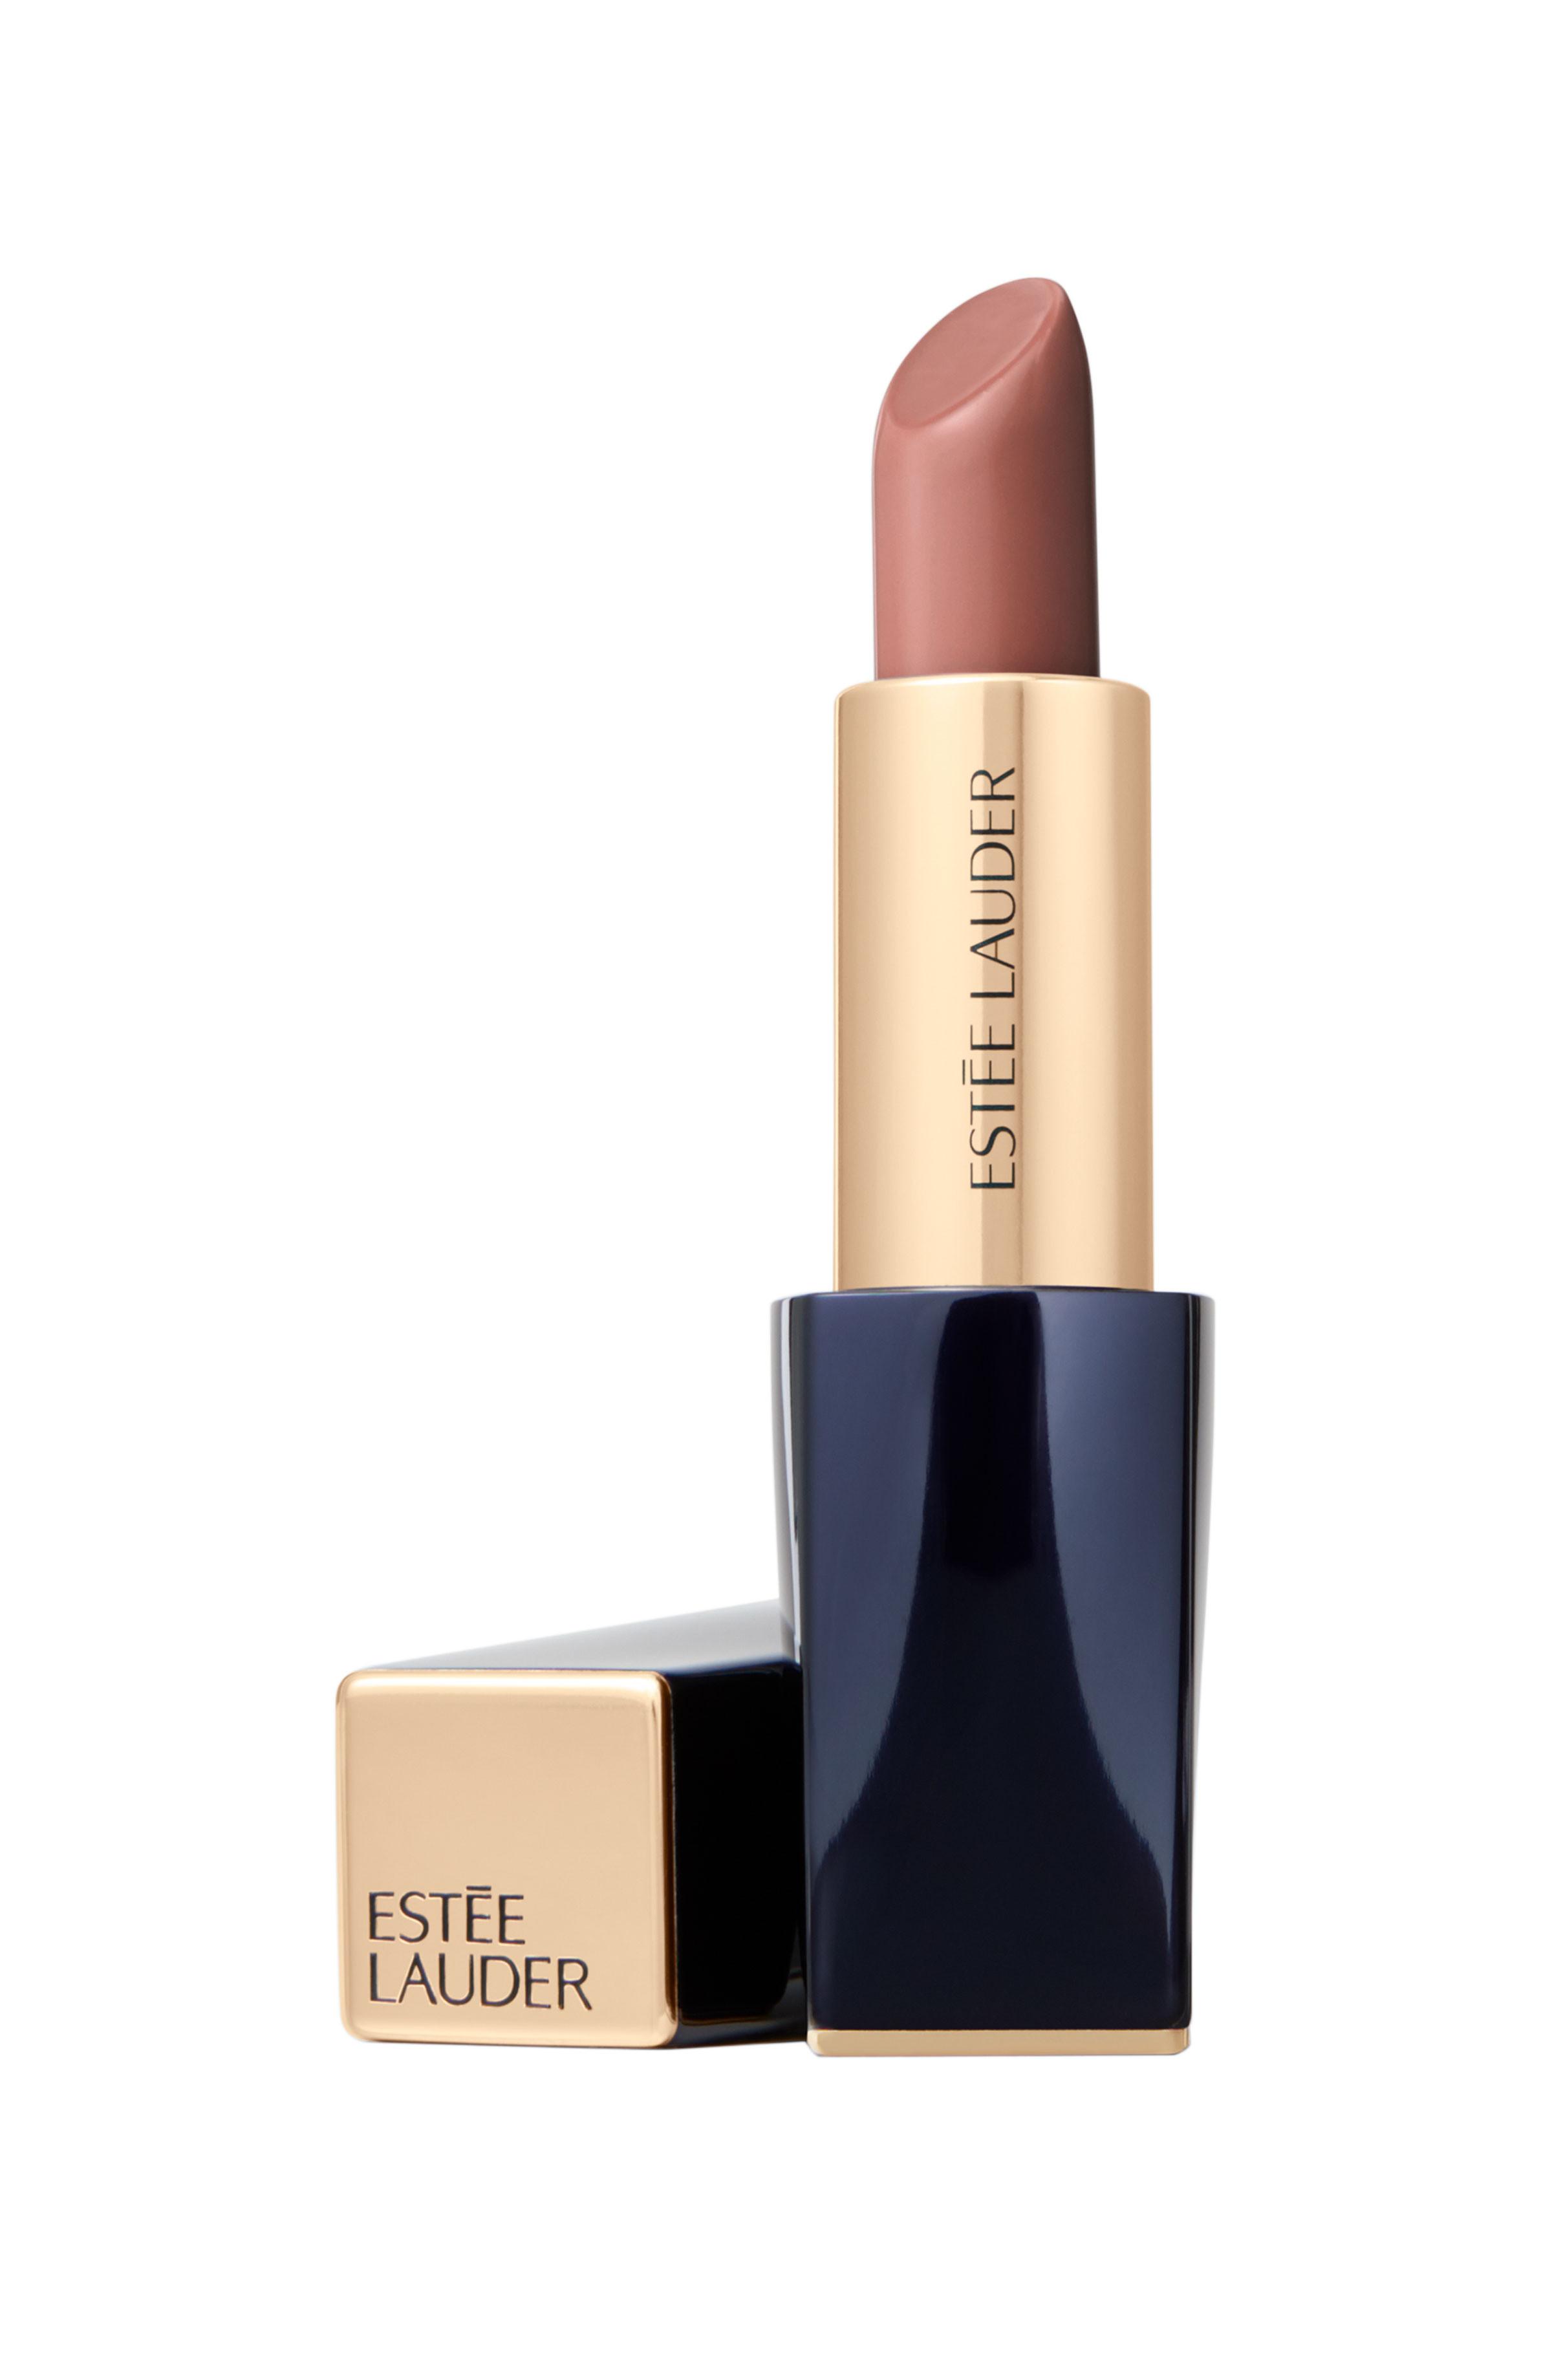 Estée Lauder pure color envy matte lipstick - 547 wilder  3,5 g, 547 WILDER, large image number 0